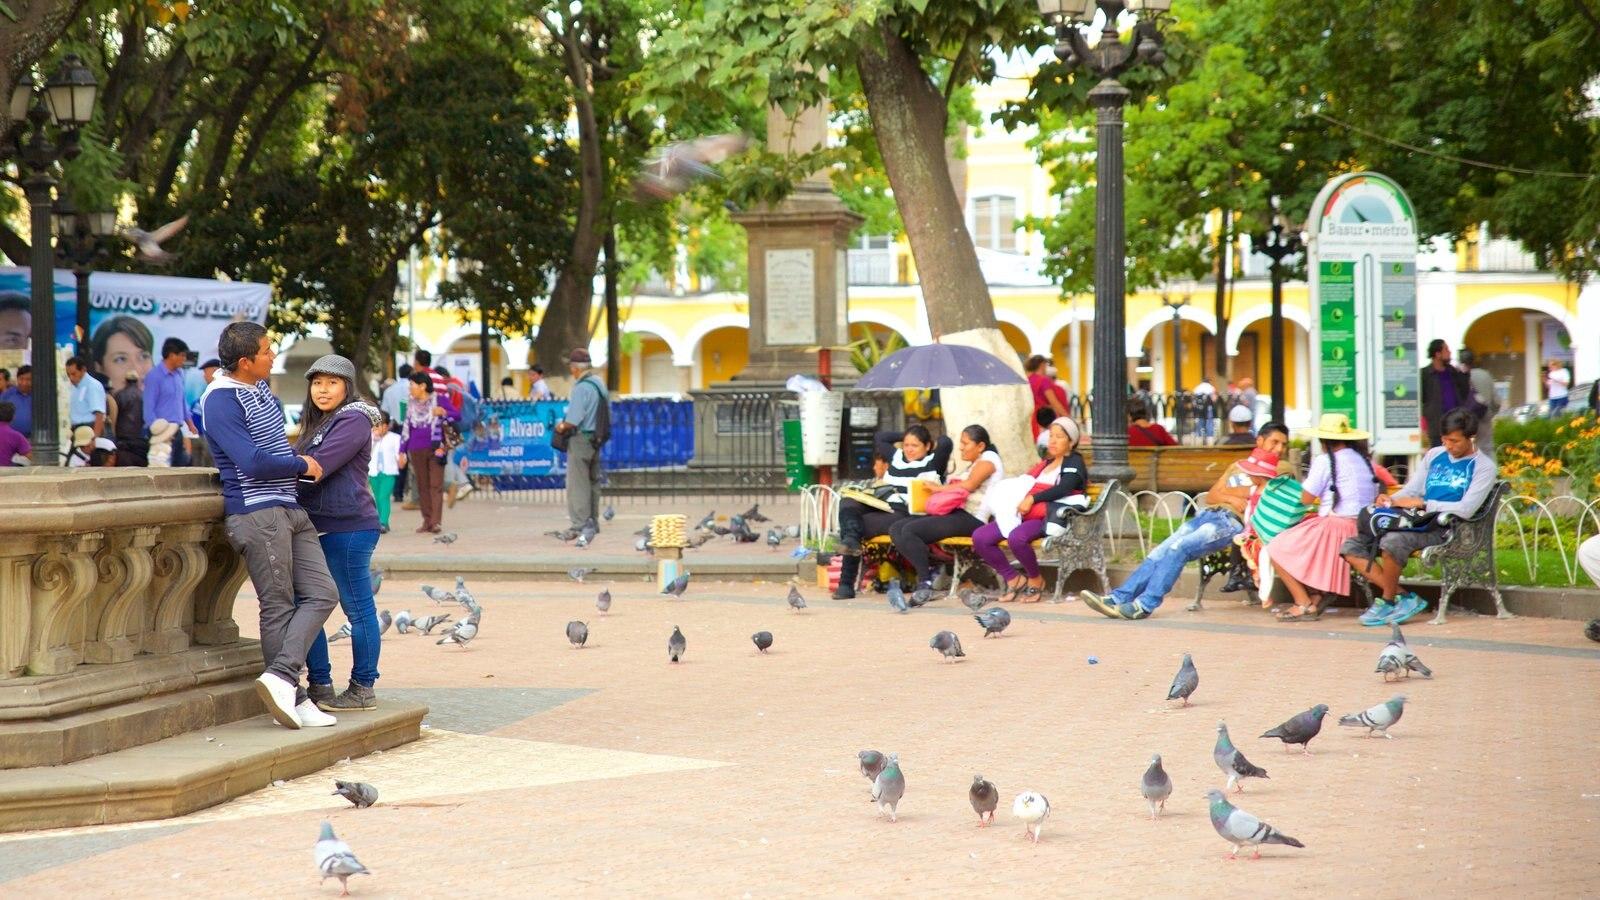 Plaza 14 de Septiembre que inclui vida das aves e uma praça ou plaza